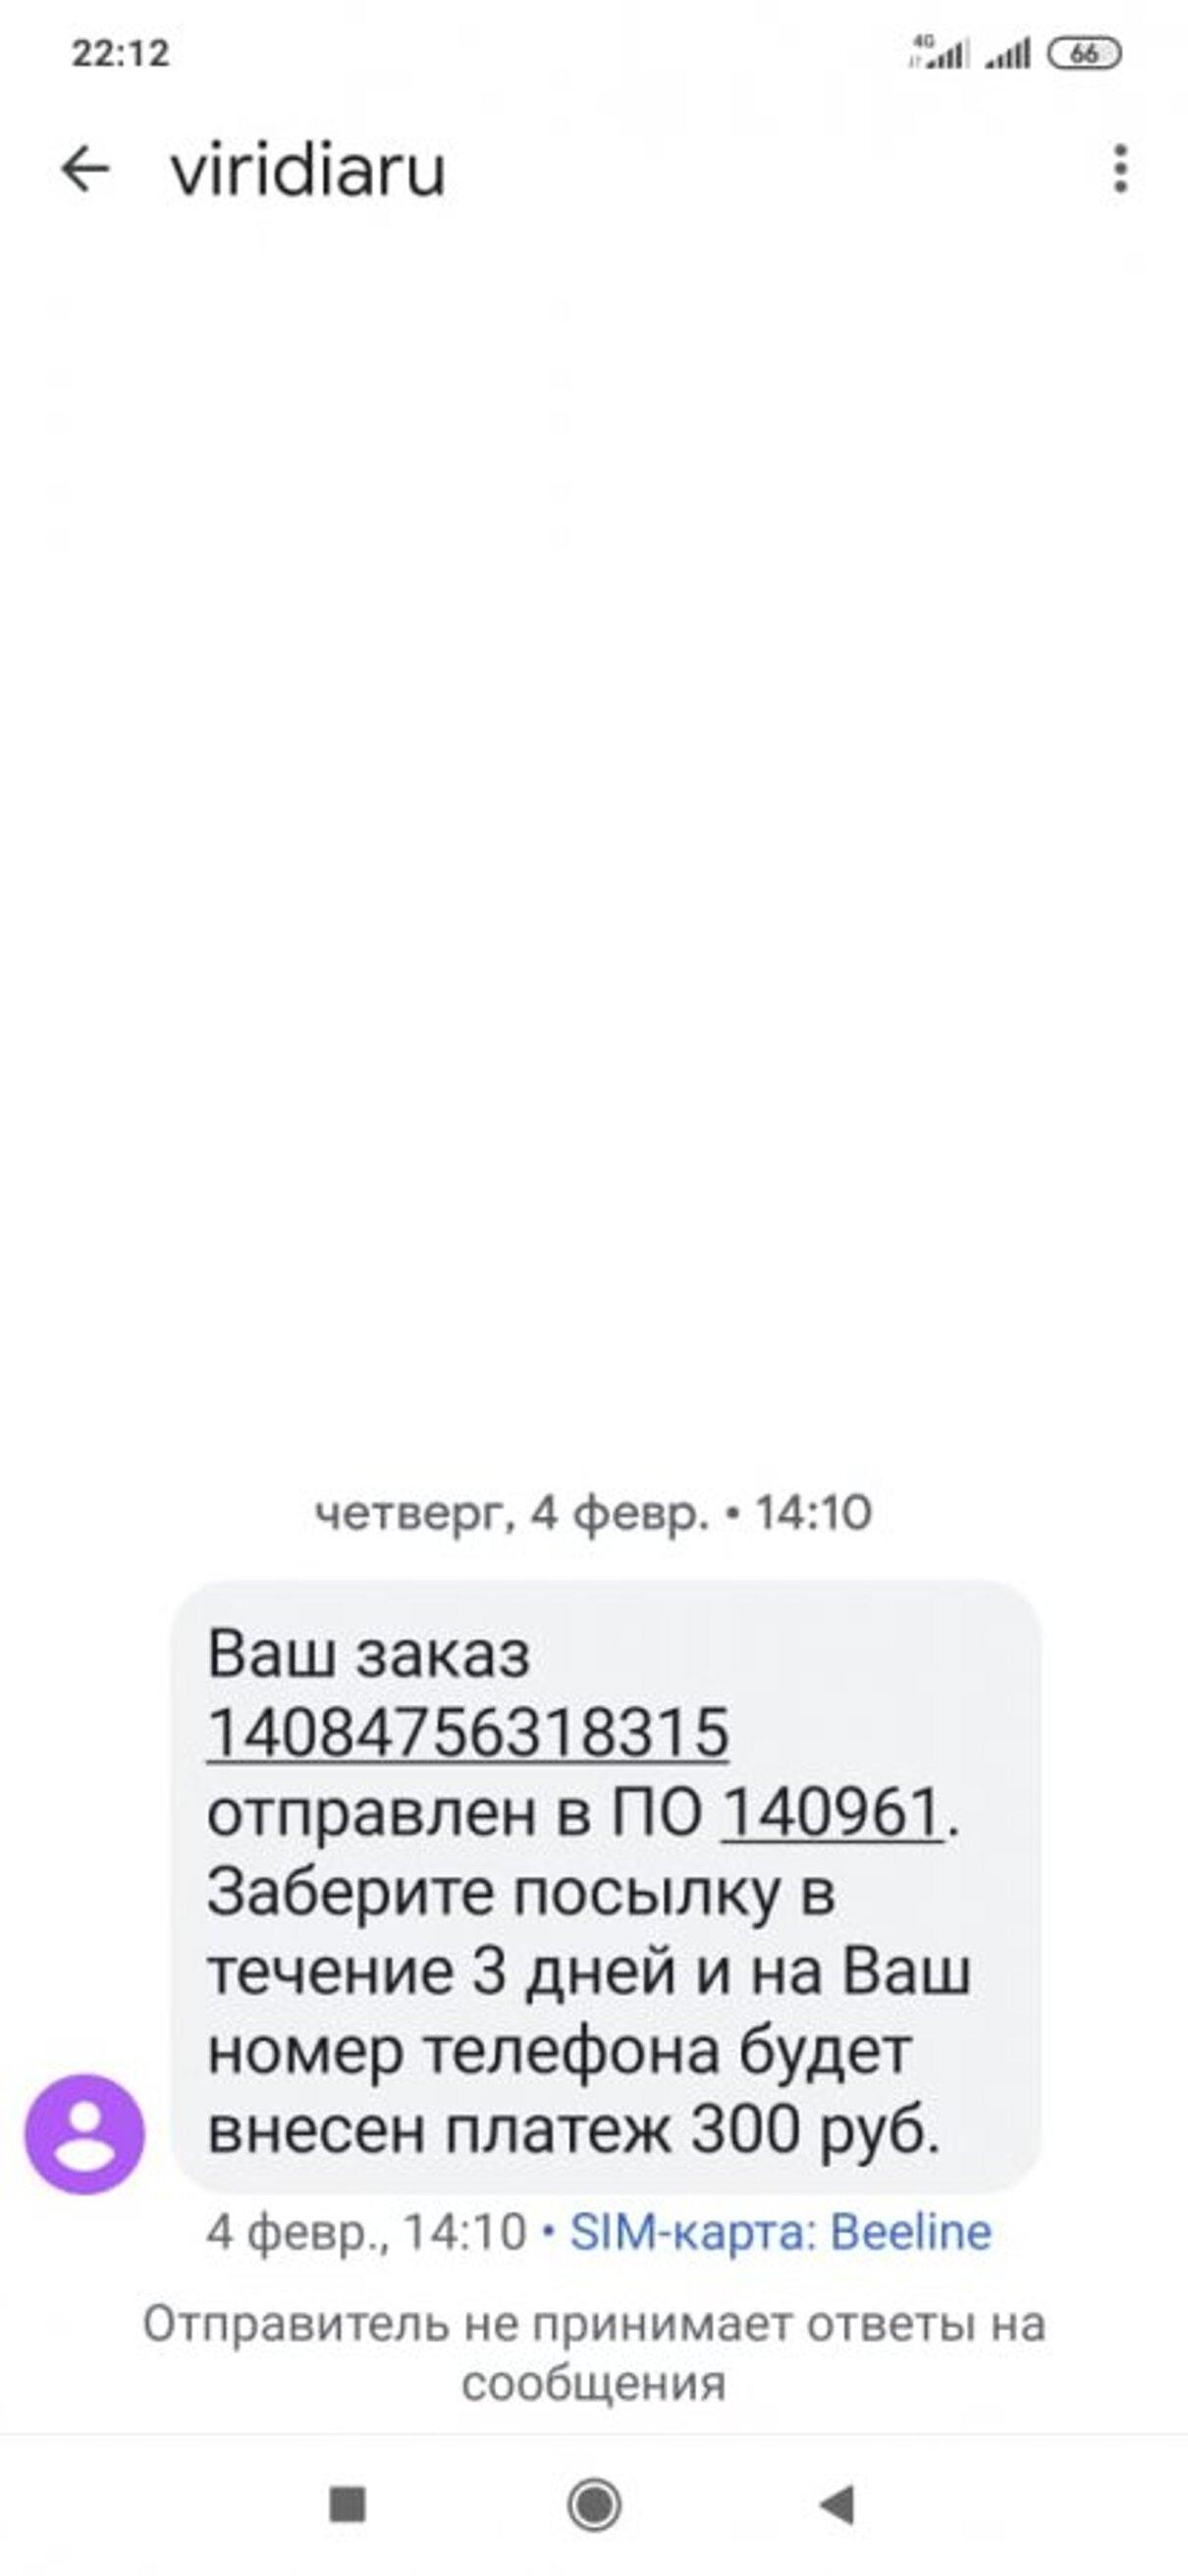 Жалоба-отзыв: ЗАО Сервис дистанционной торговли - Претензия - заявление.  Фото №4